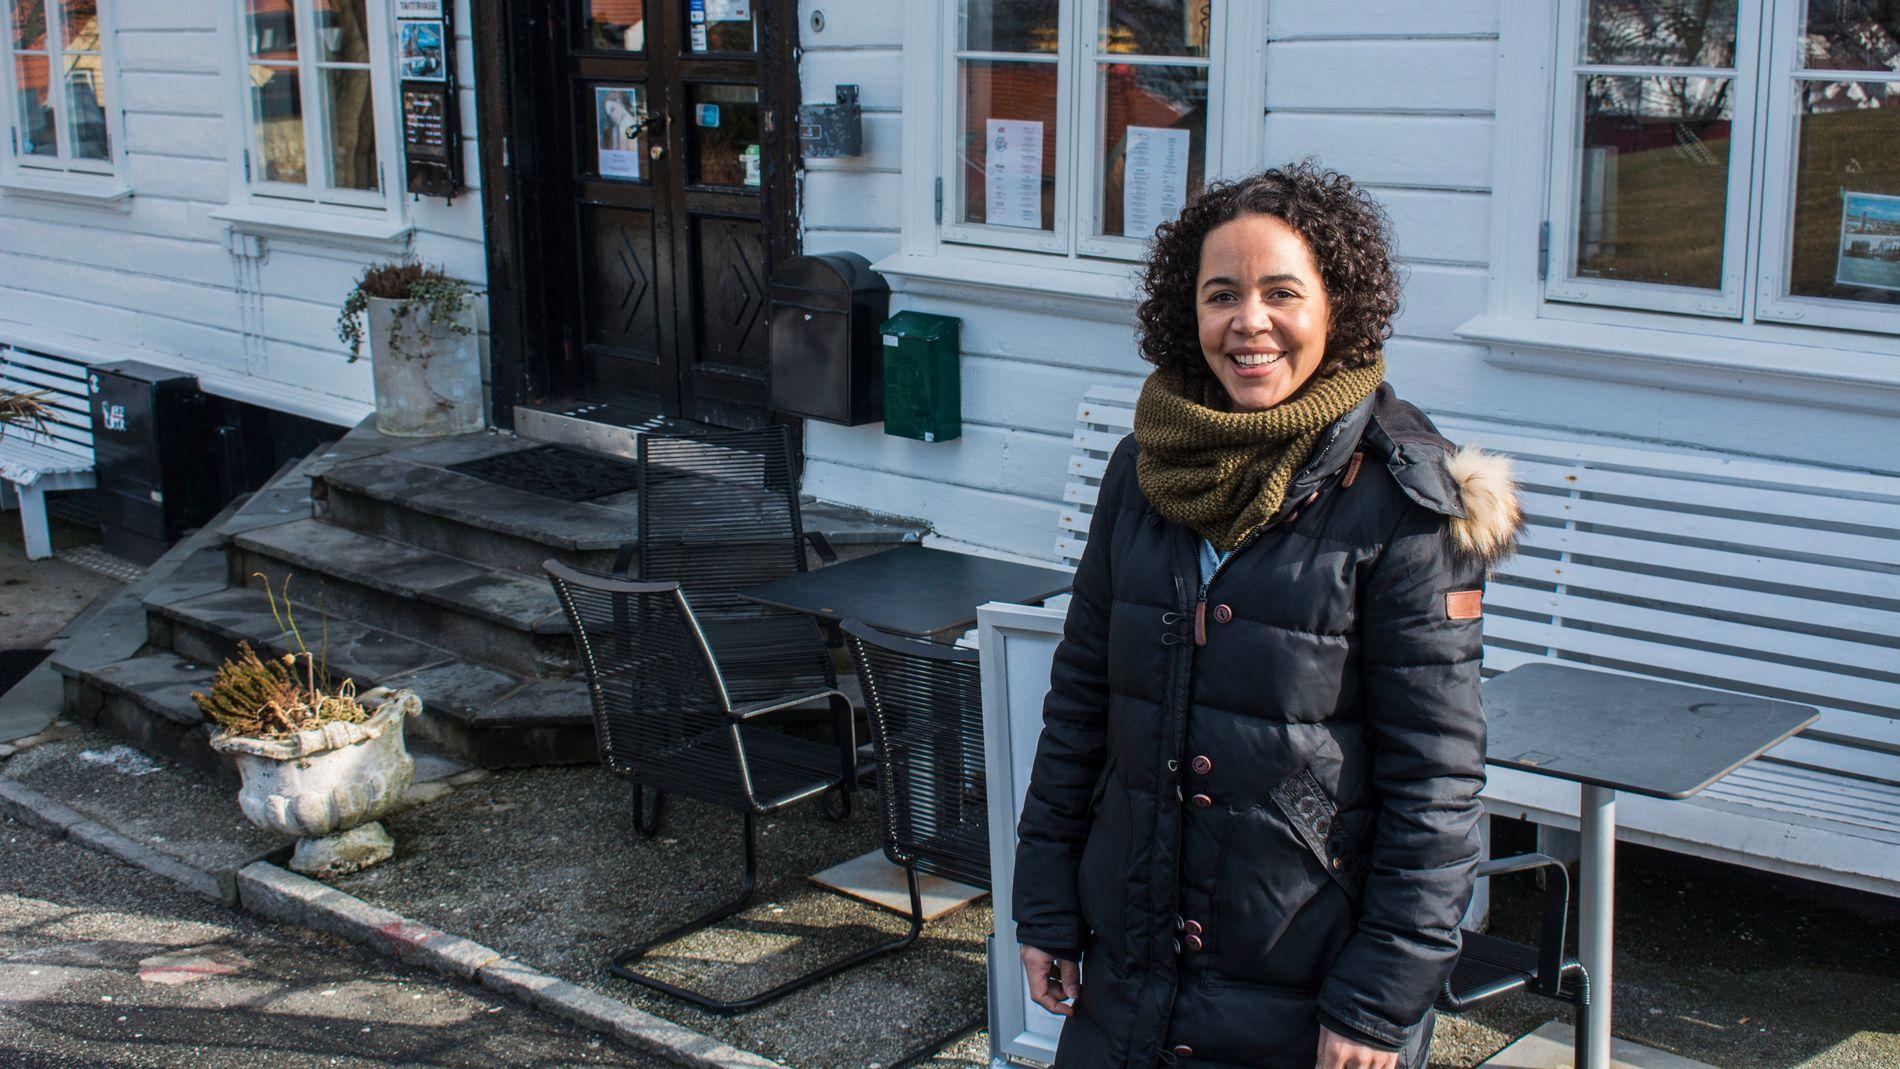 kontaktannonser 50+ møte single i stavanger aftenblad